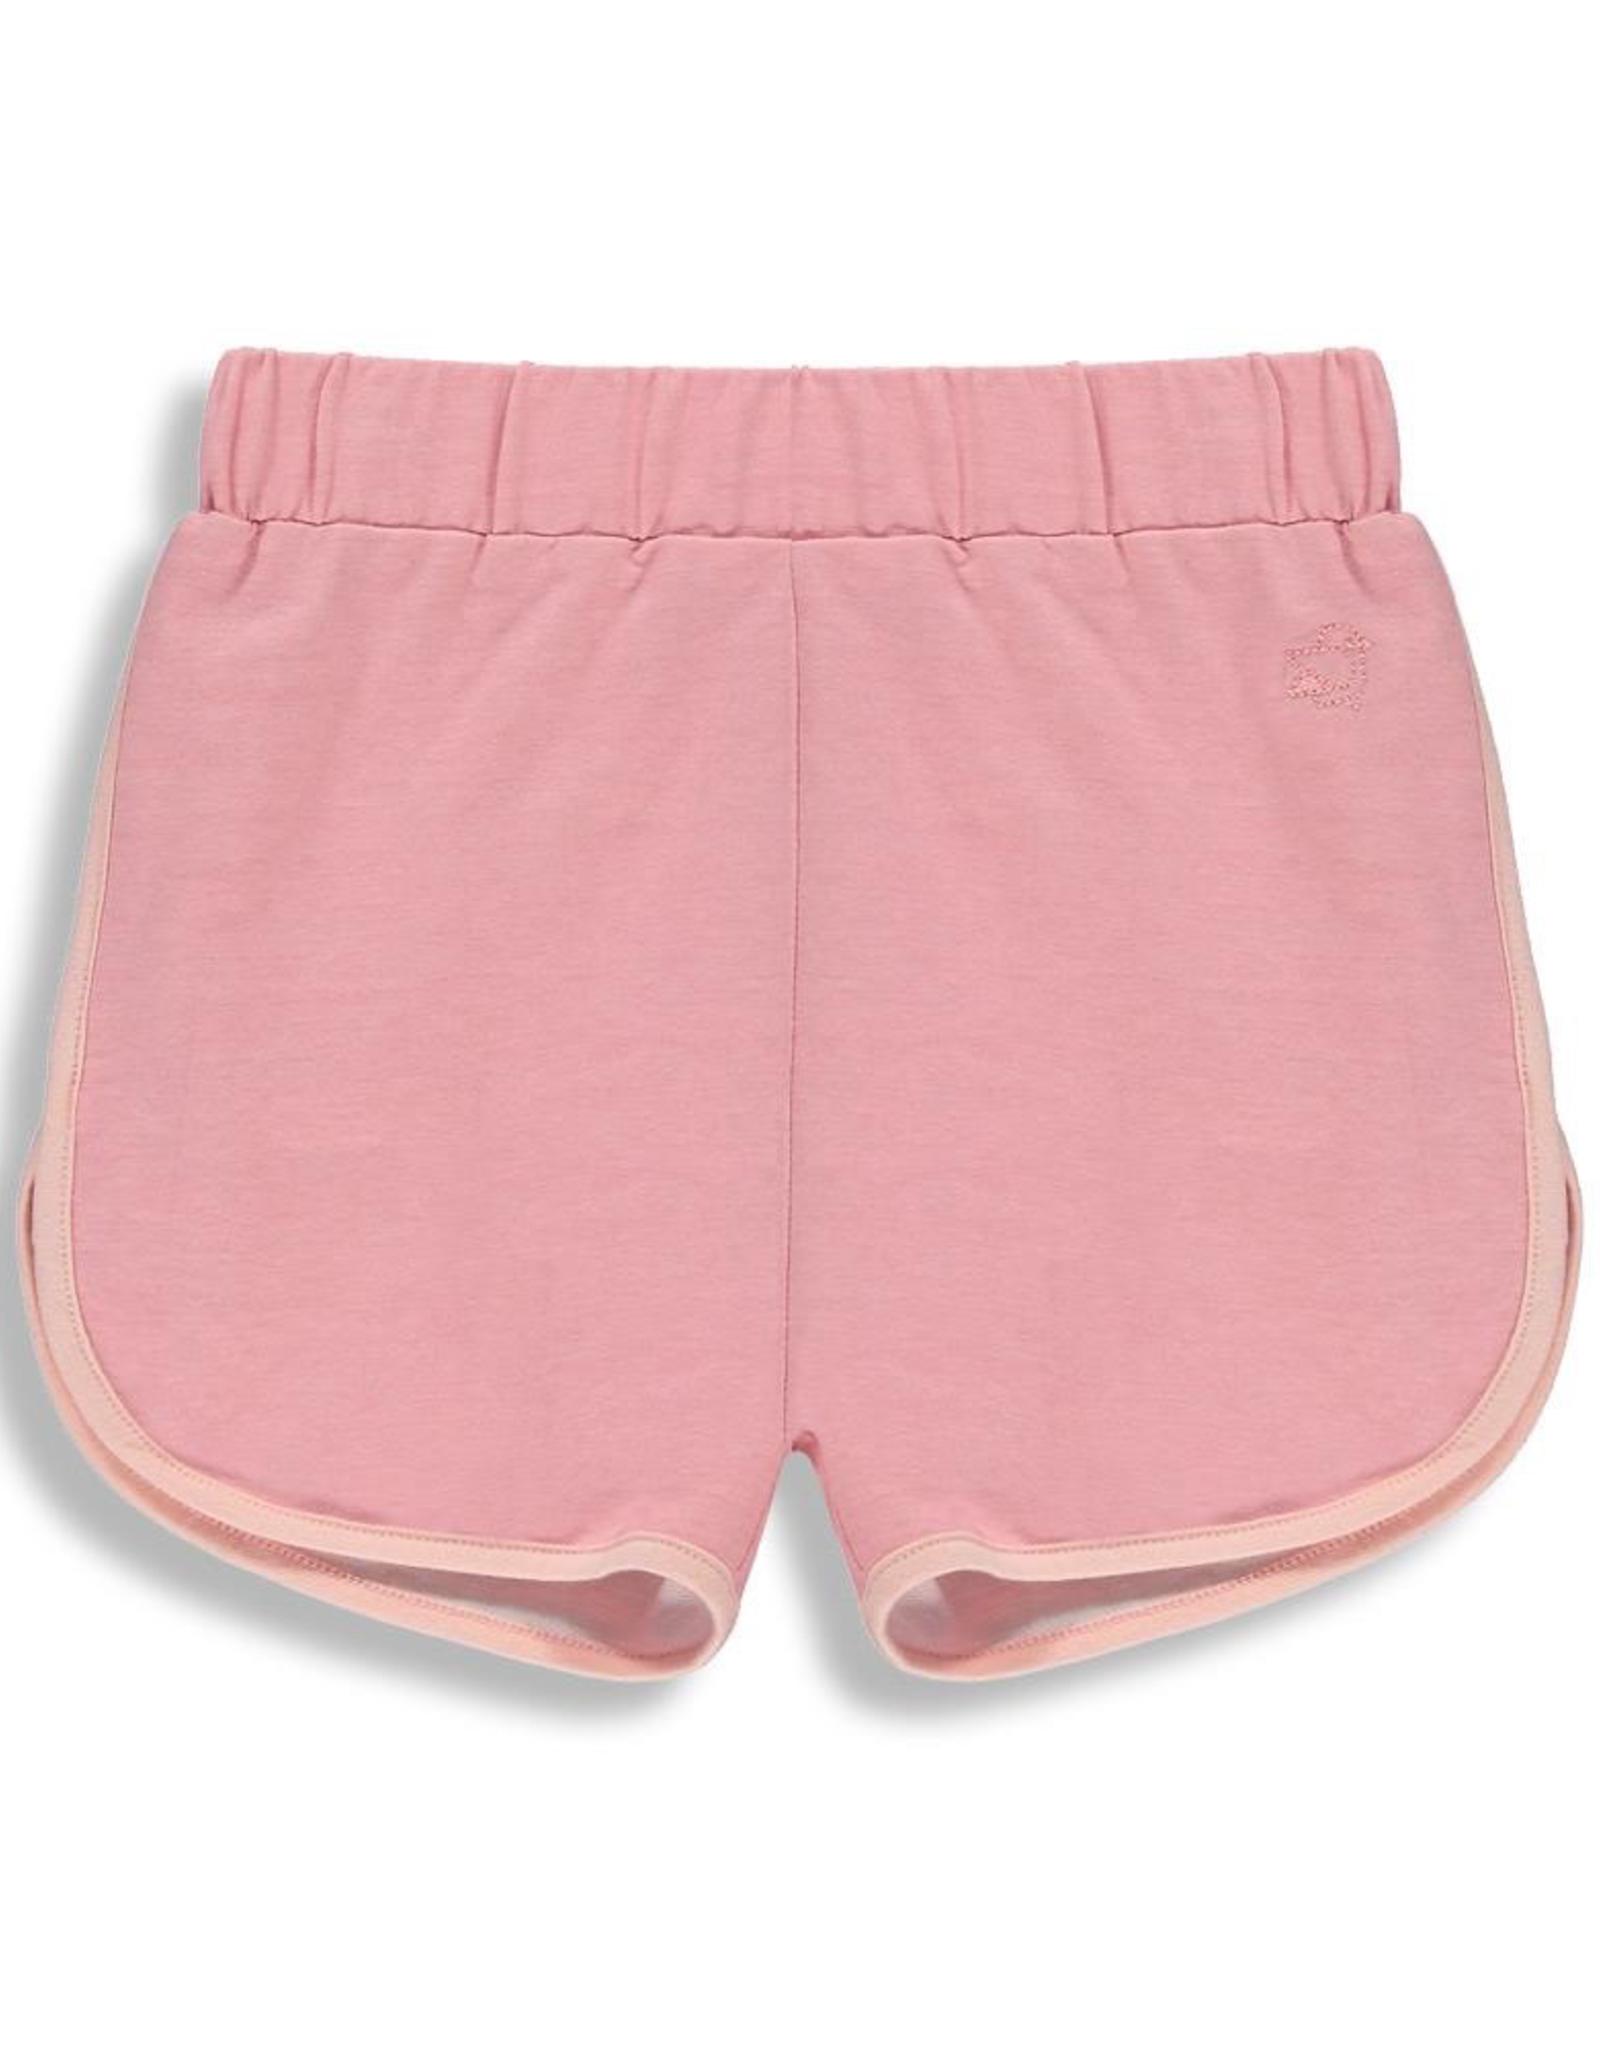 Birdz Children Retro Shorts in Pink